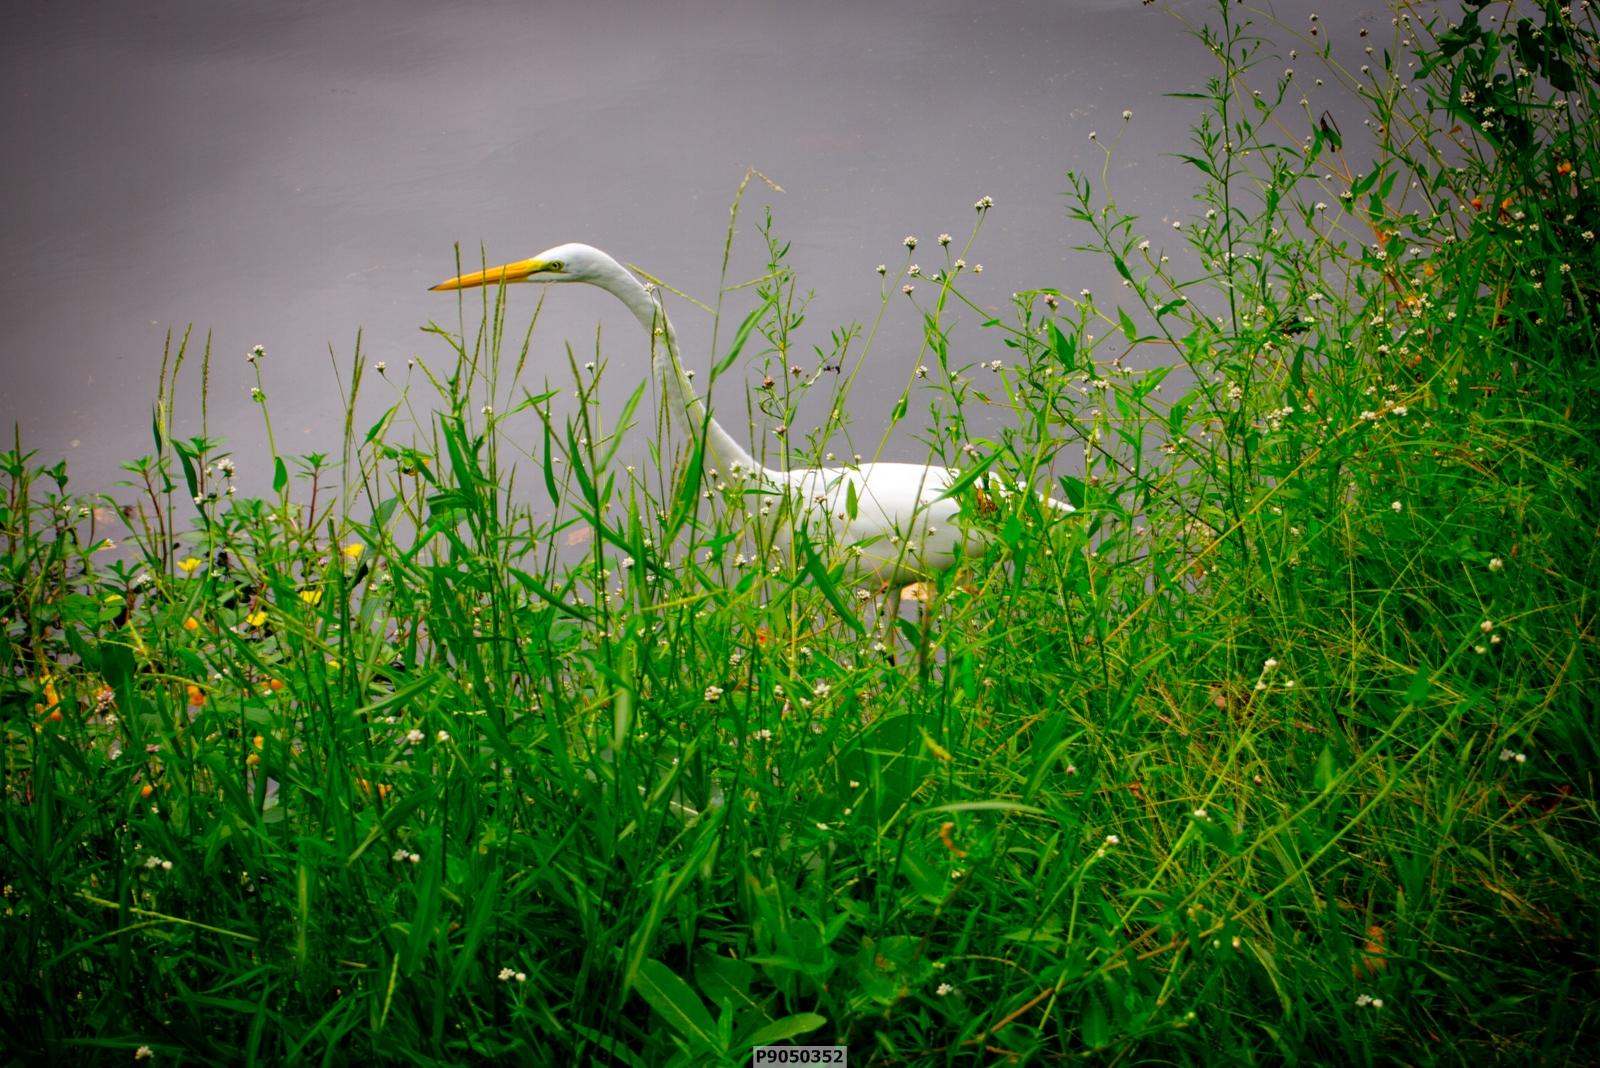 Overcast Crane-002.jpg